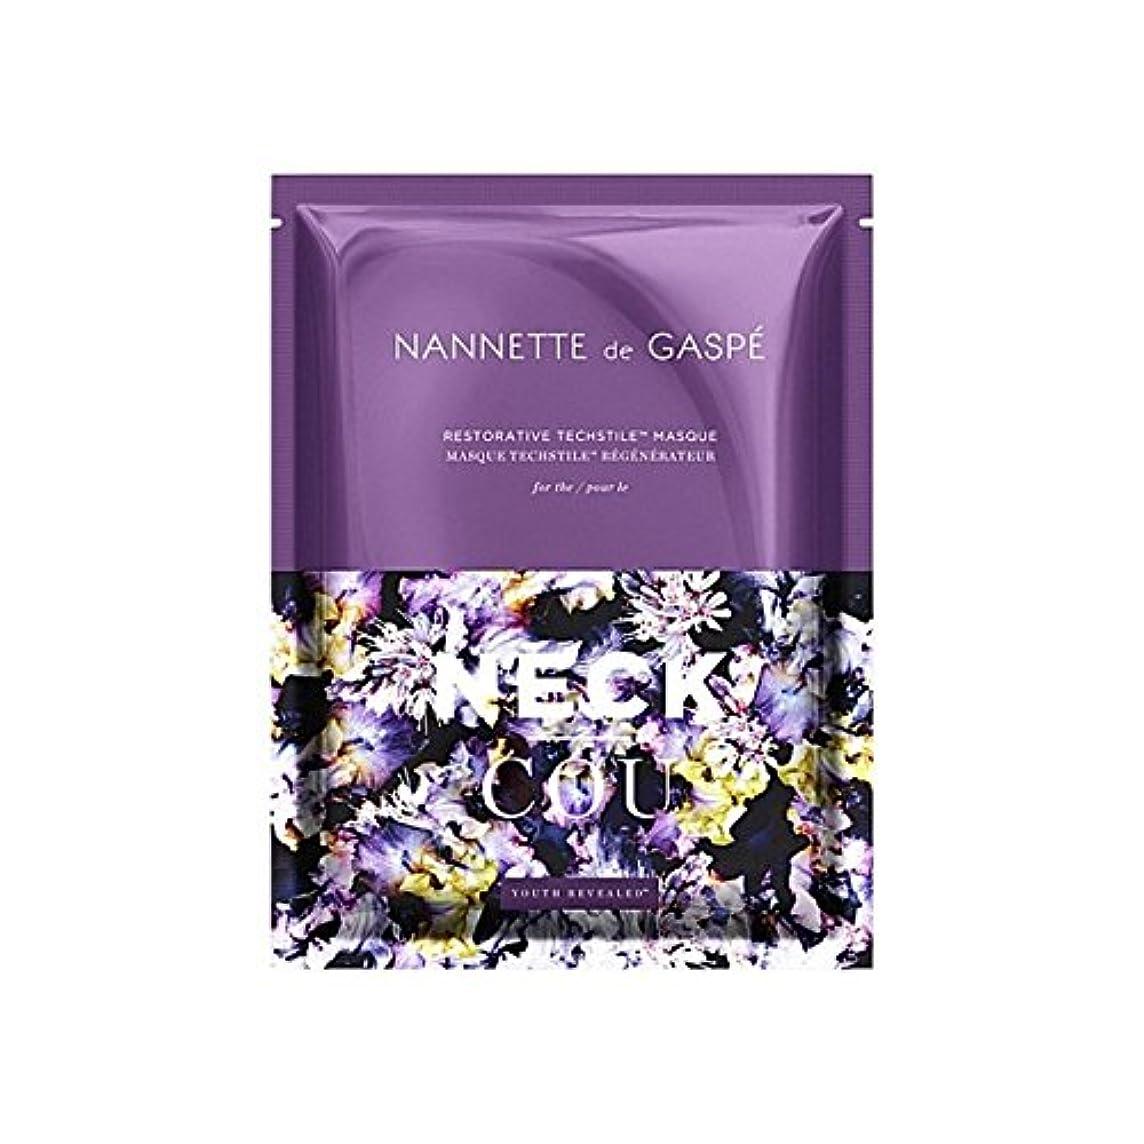 鈍い悪夢どれかNannette De Gaspe Restorative Techstile Neck Masque (Pack of 6) - デガスペ修復首の仮面劇 x6 [並行輸入品]